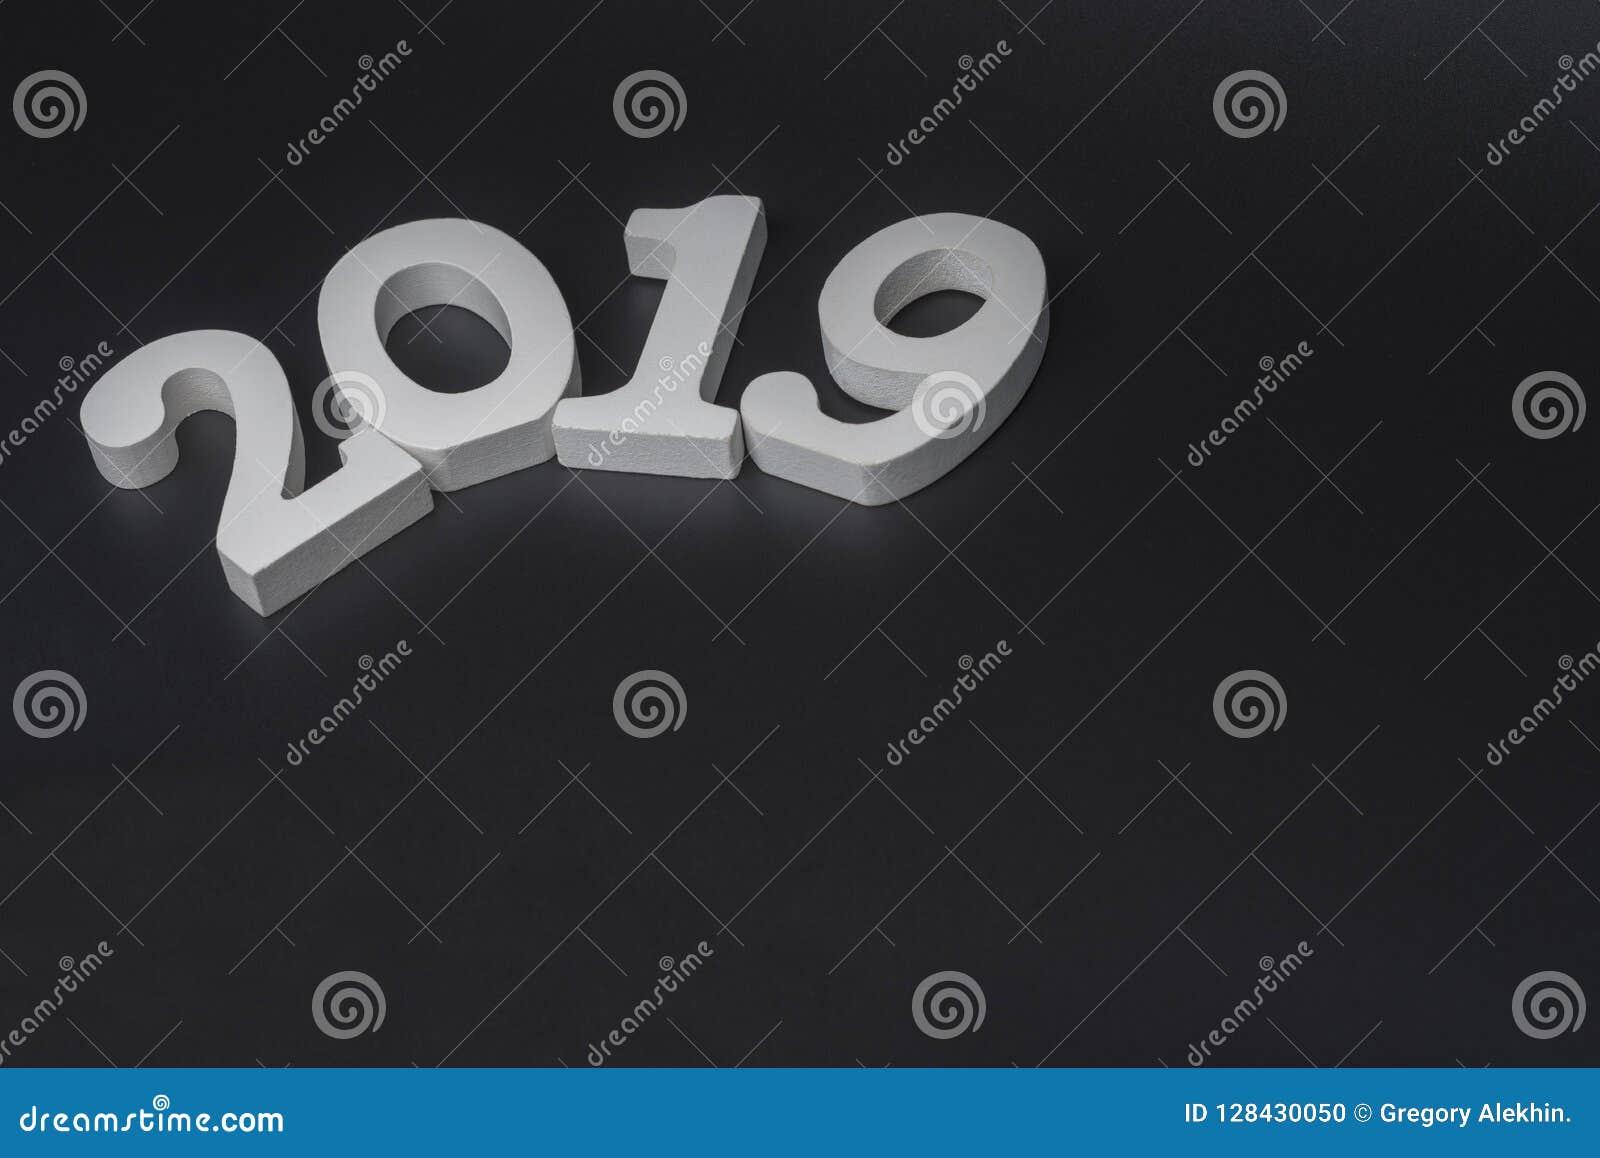 Neues Jahr zwei tausend neunzehn, weiße Zahlen auf einem schwarzen Hintergrund